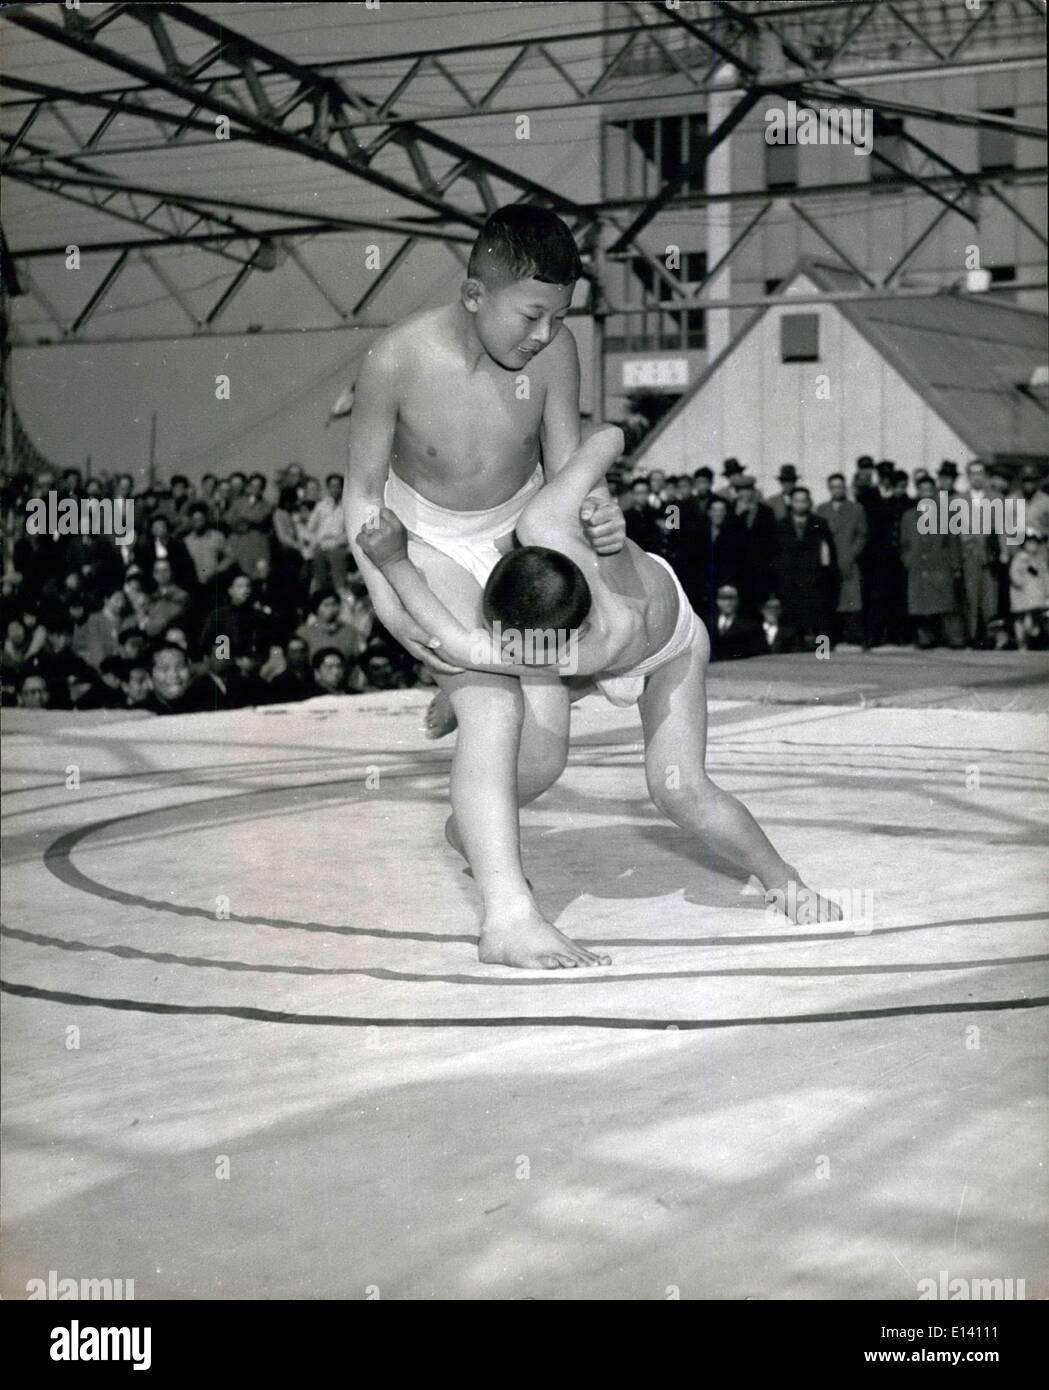 31 mars 2012 - Les jeunes au Japon est fou sur le Sumo: Les parents voient leurs enfants se débattre au cours d'un tournoi de sumo. Les garçons ne sont pas nécessairement identiques pour la taille, comme une connaissance du Sumo enlève tous les avantages de la force et de l'envergure, laissant seulement l'avantage de compétence. Photo Stock